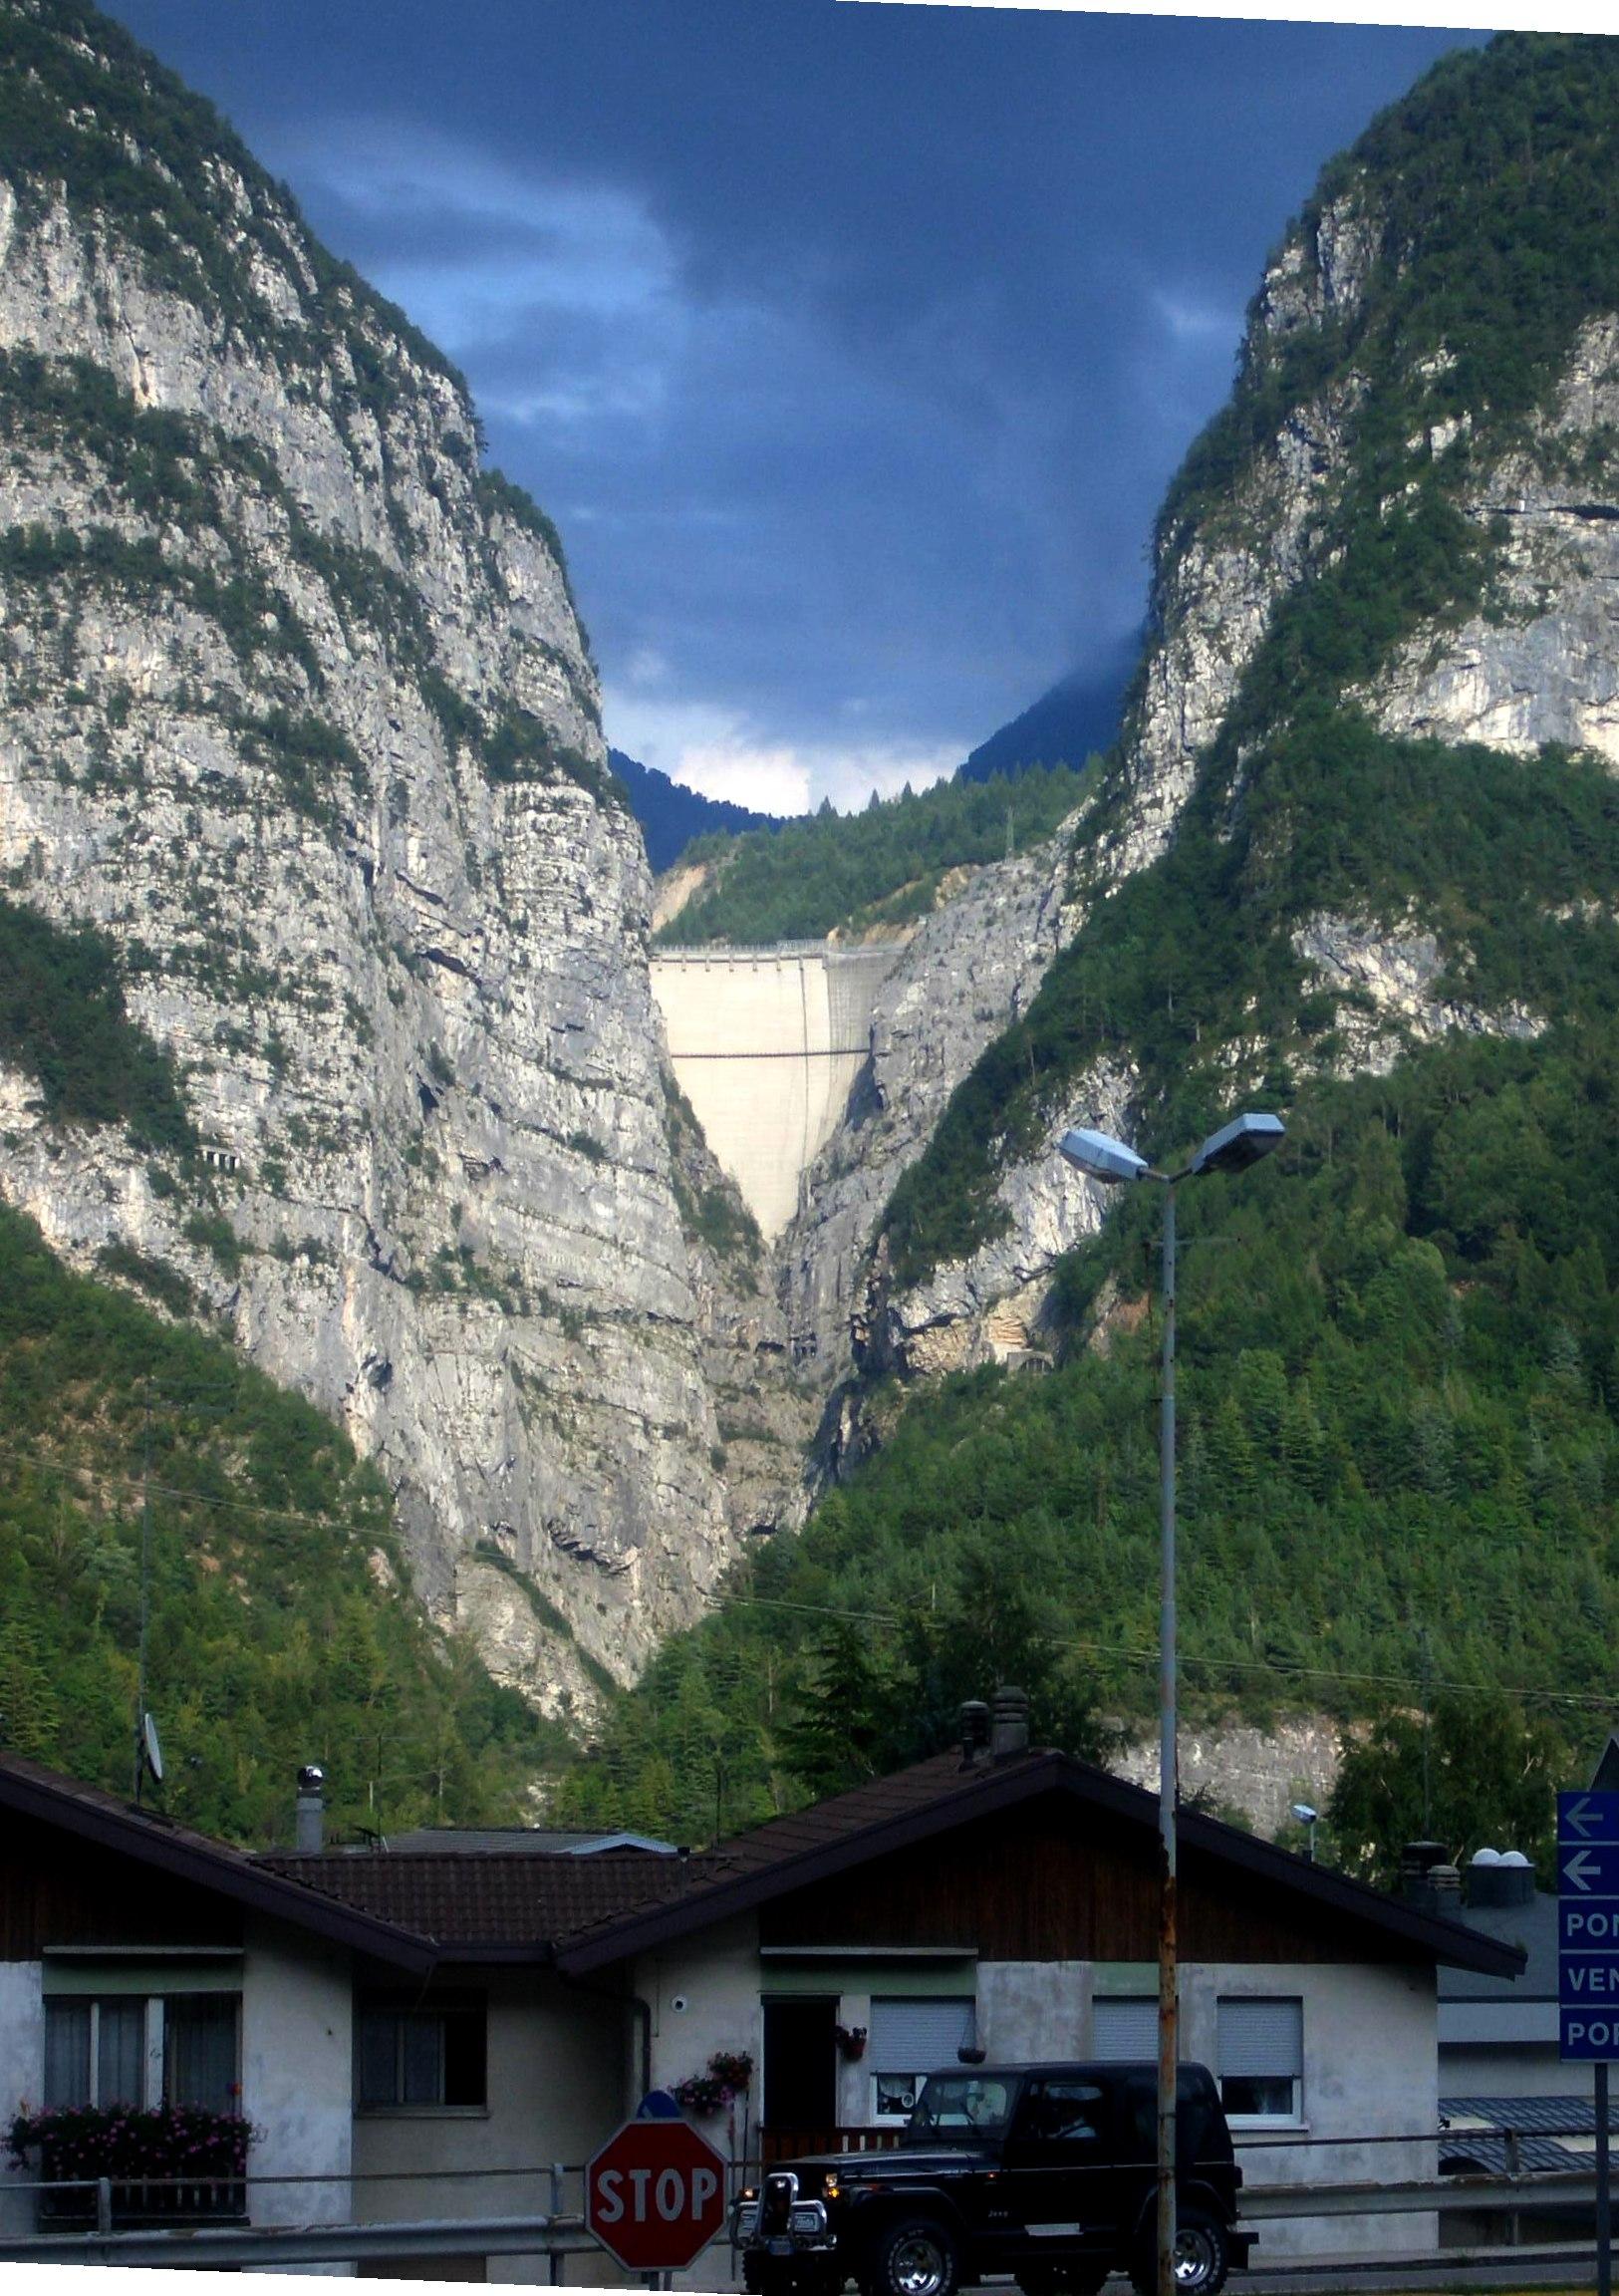 Der Vajont-Staudamm aus dem heutigen Longarone, Quelle: Wikipedia